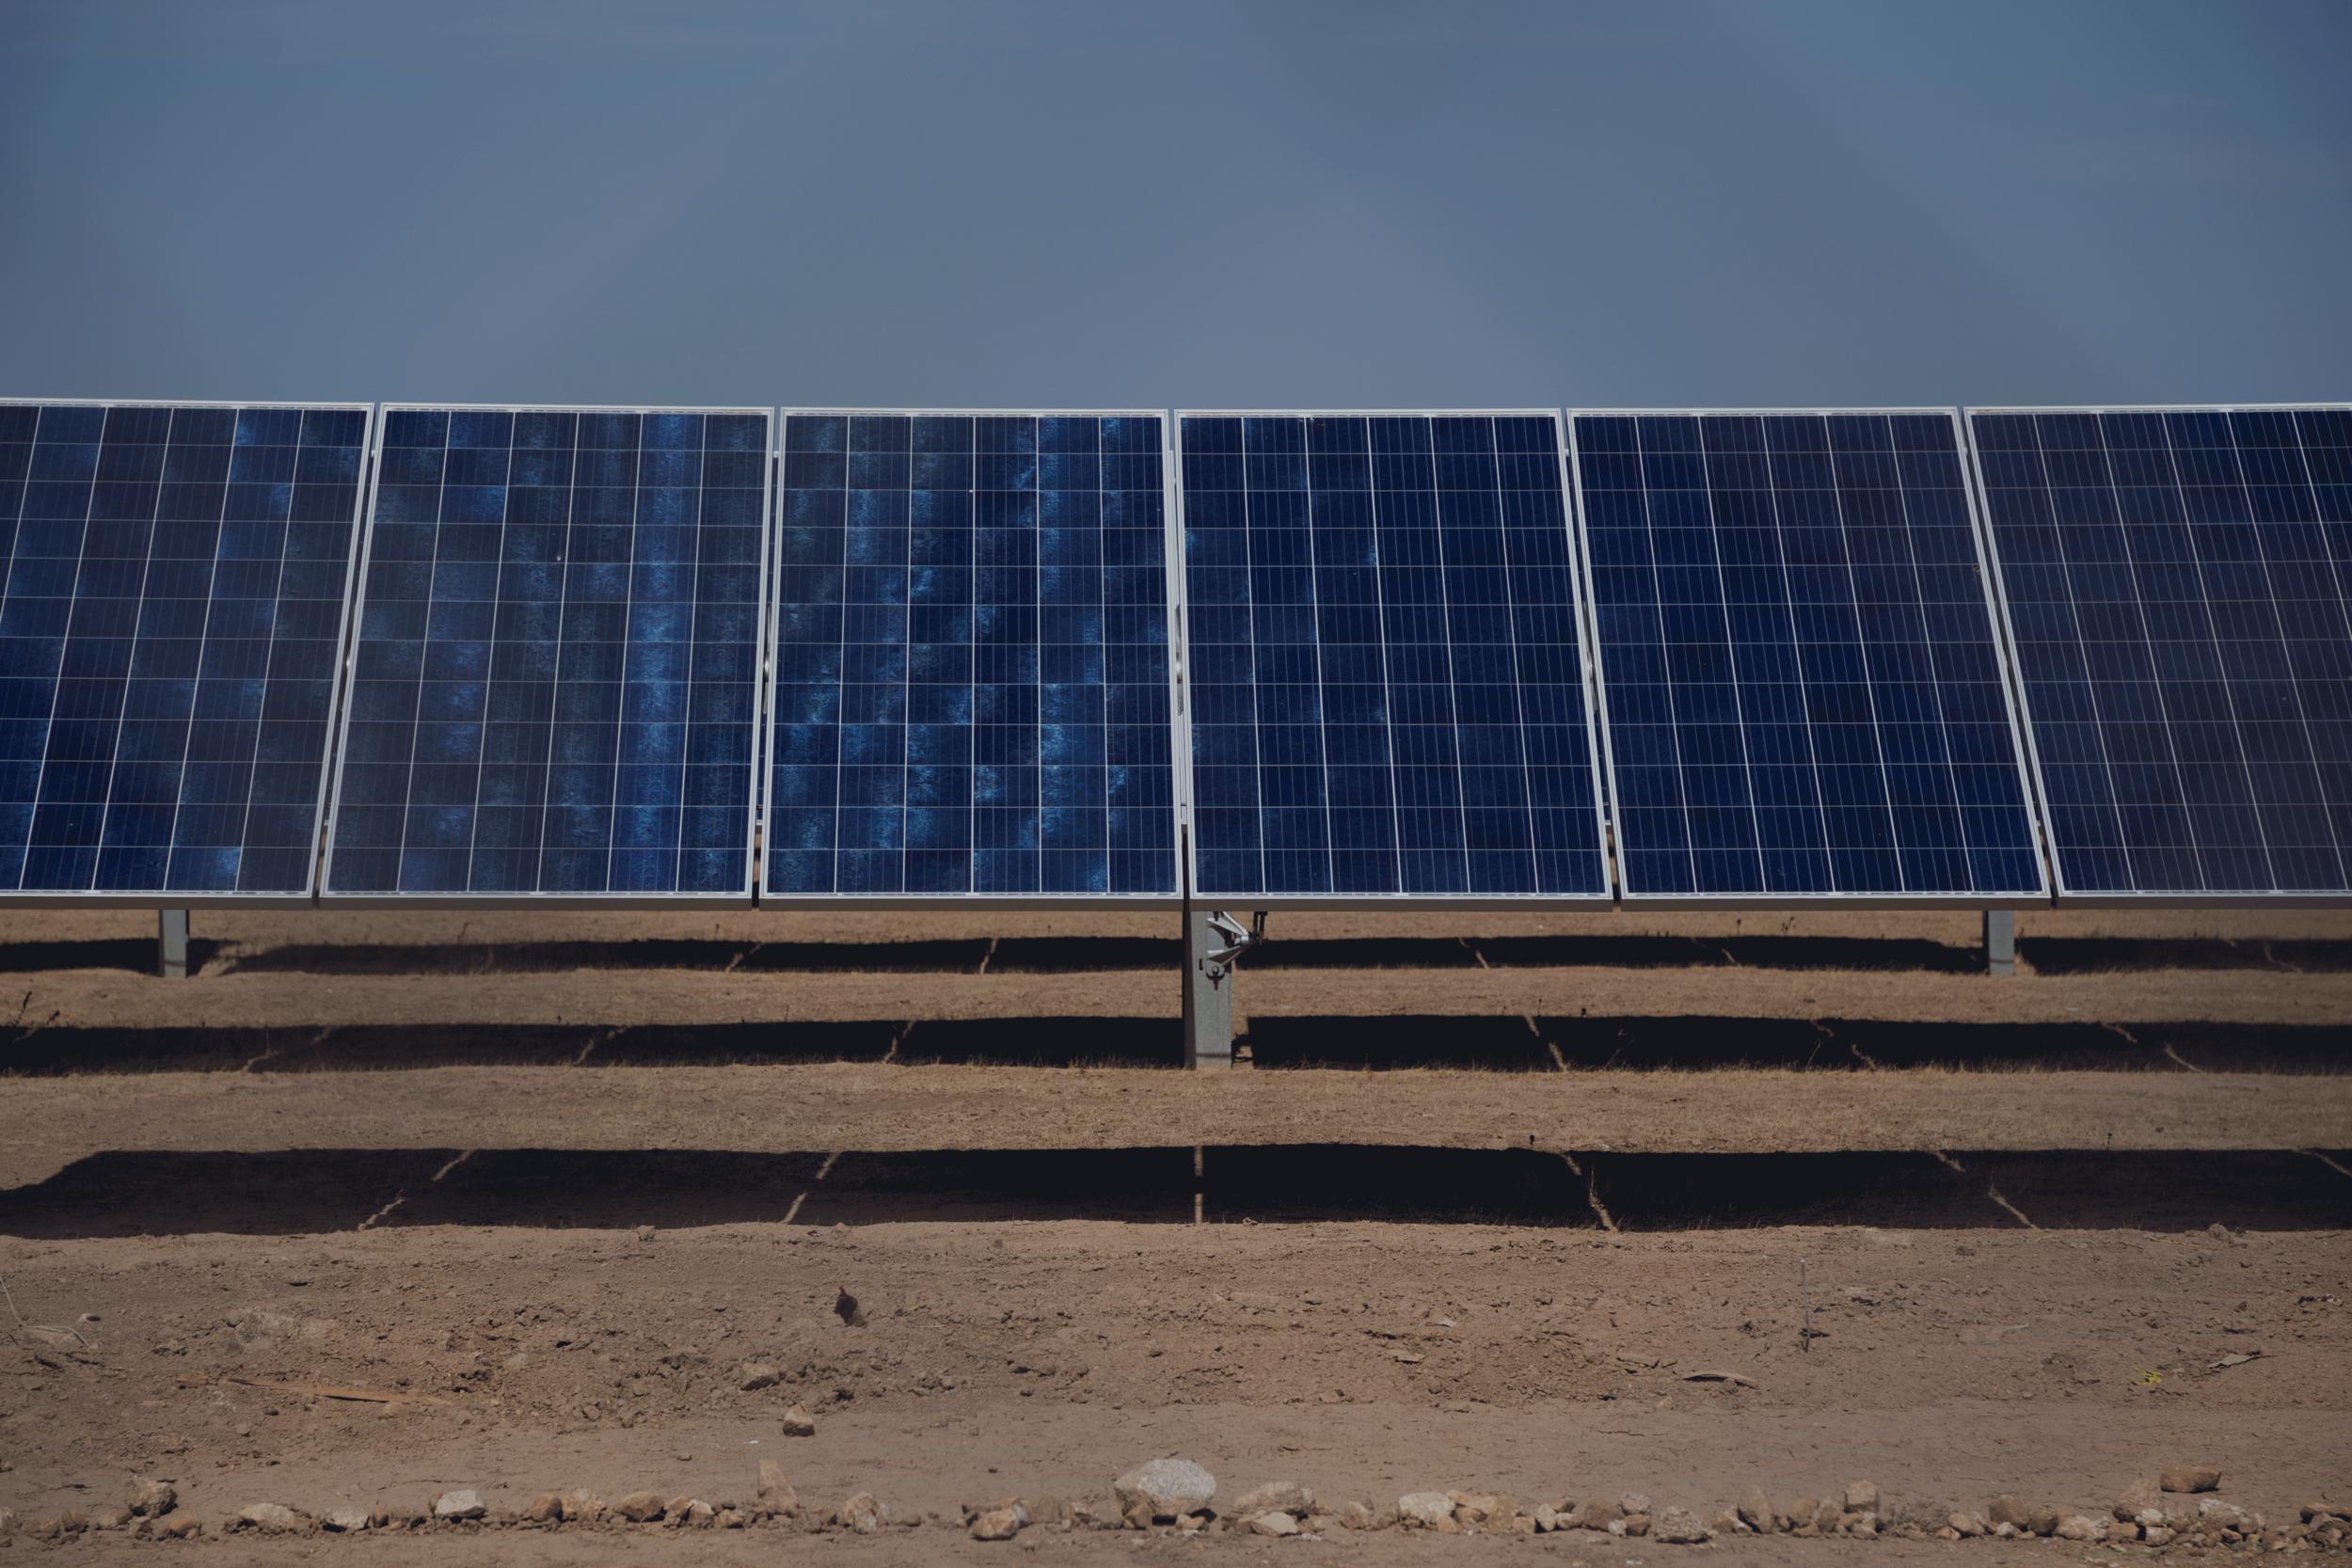 La Secretaría de Energía, inauguró el parque fotovoltaico. La Orejana - Gobierno de México2019